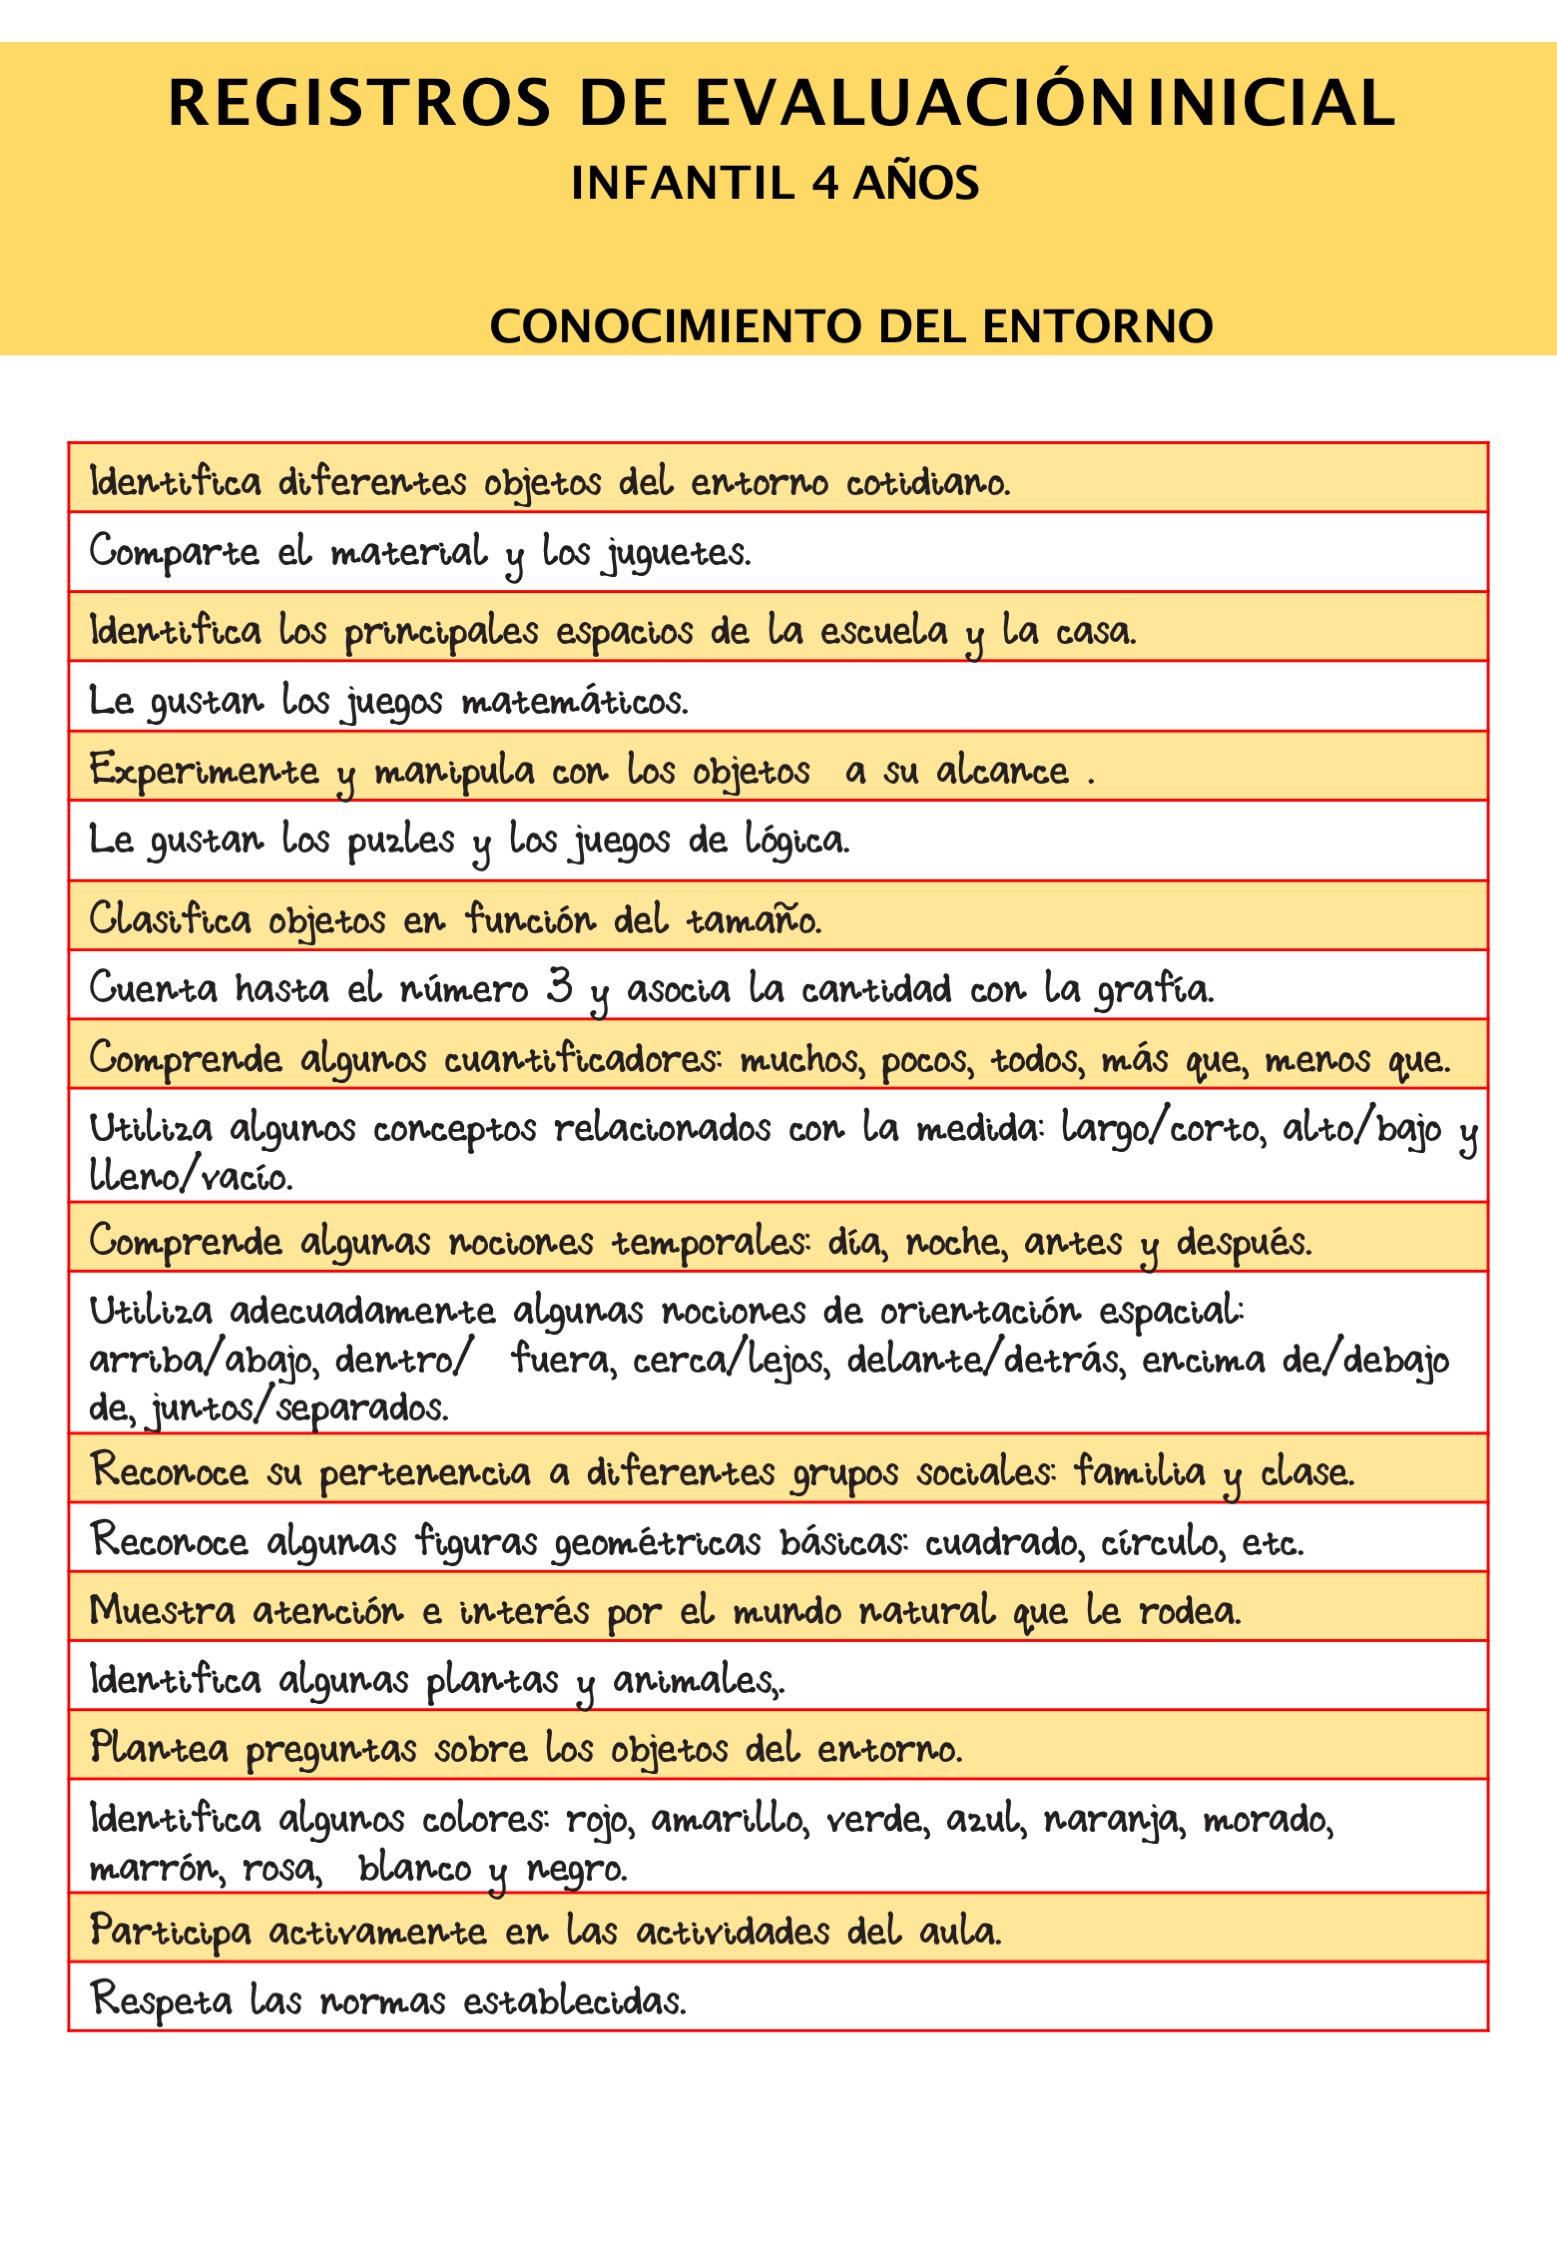 EVALUACION INICIAL 4 AÑOS REGISTRO2 - Orientación Andújar - Recursos  Educativos